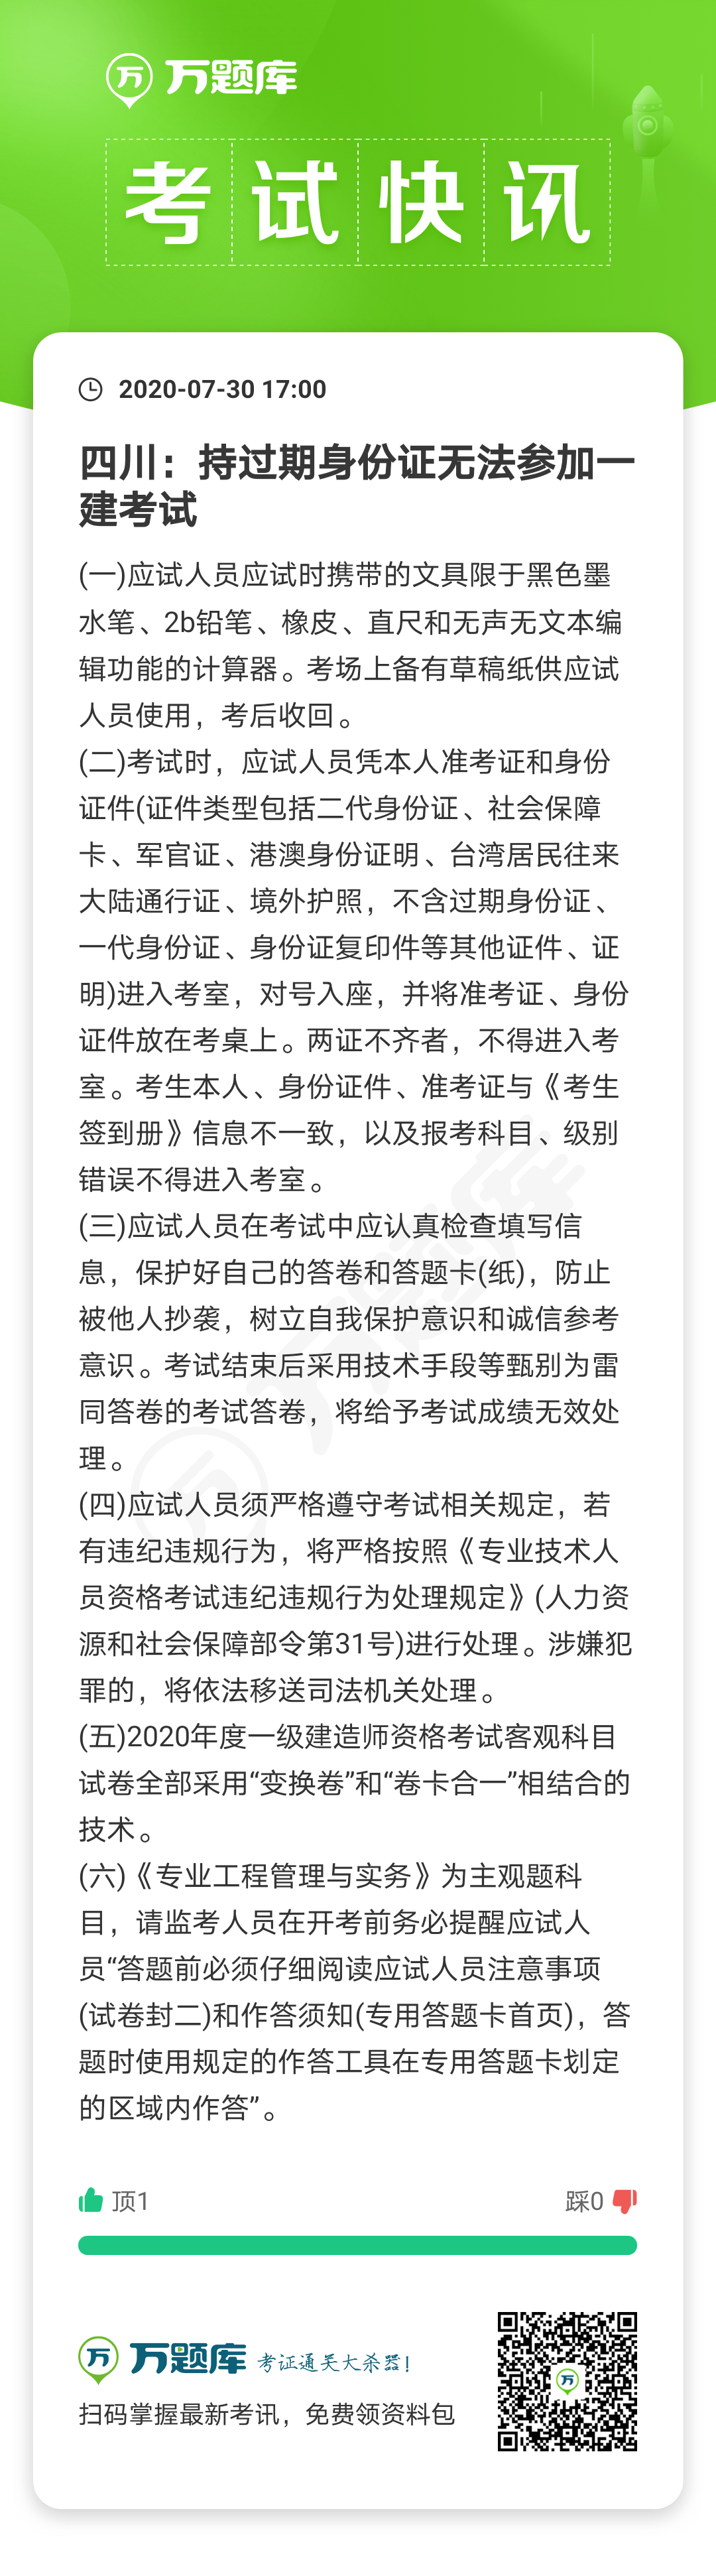 四川:持过期身份证无法参加2020年一建考试